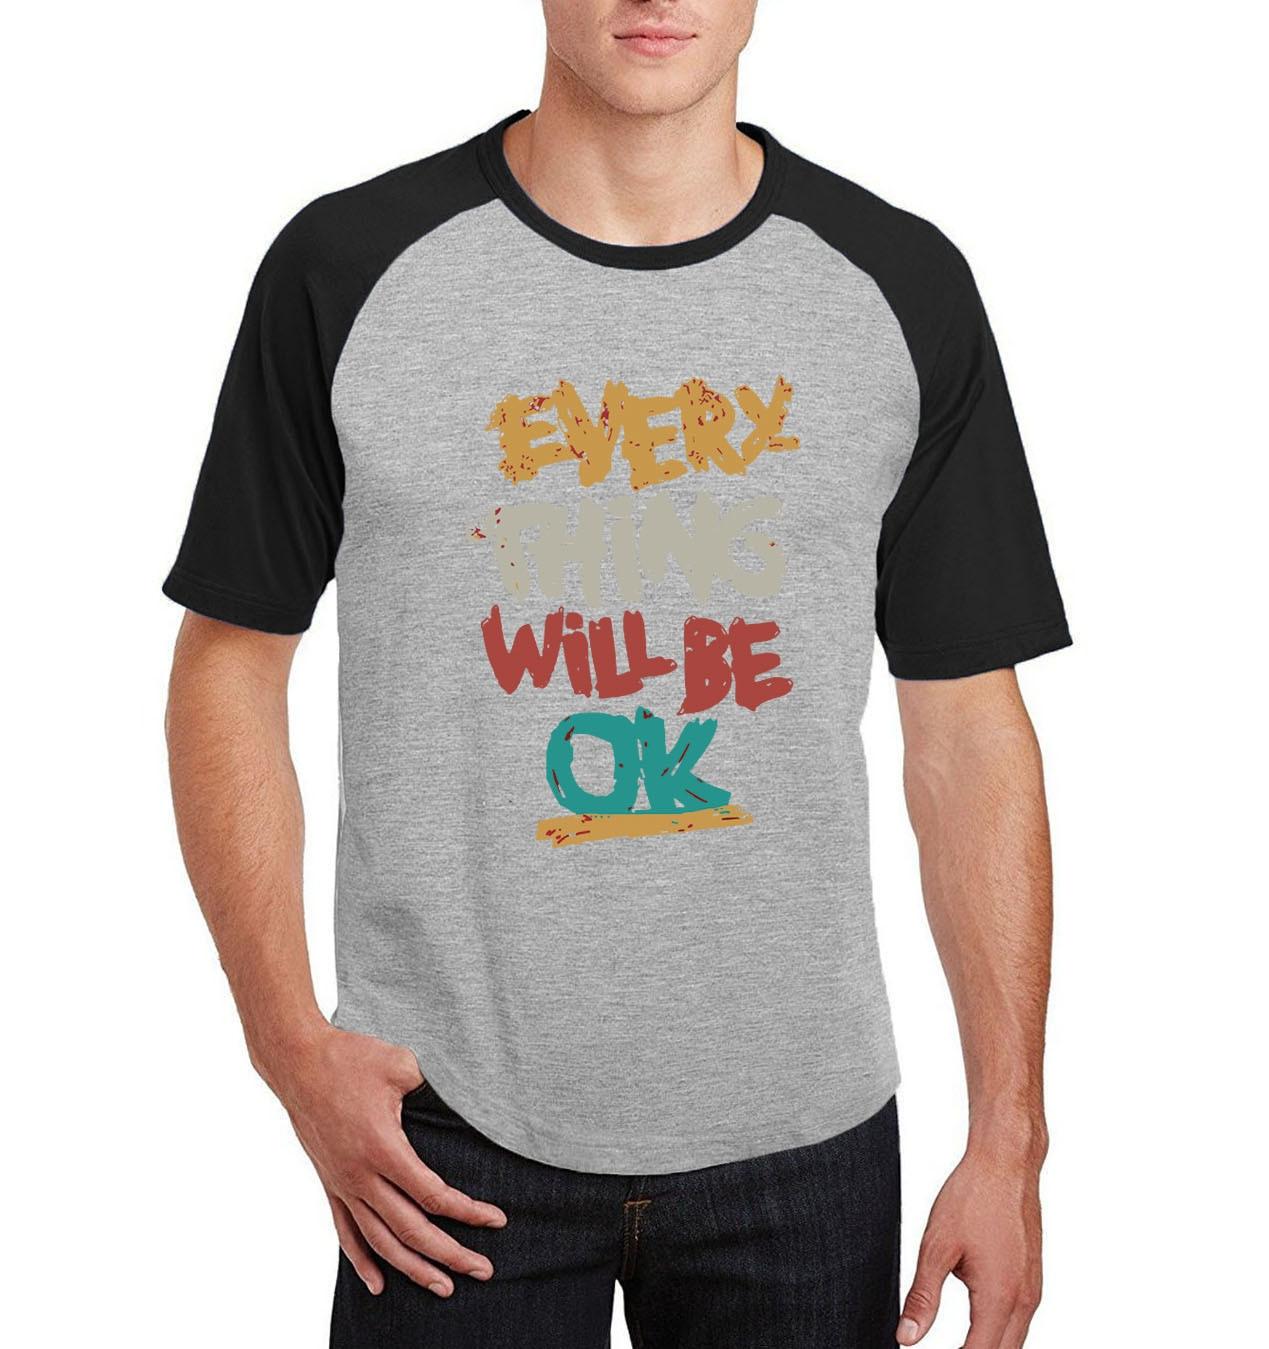 f6fbfe7c99ec2a Krótki rękaw marka koszulki 2019 lato każdy rzeczą będzie ok odzież z  nadrukiem raglan bawełna o-neck t shirt mężczyźni hio- hop fitness